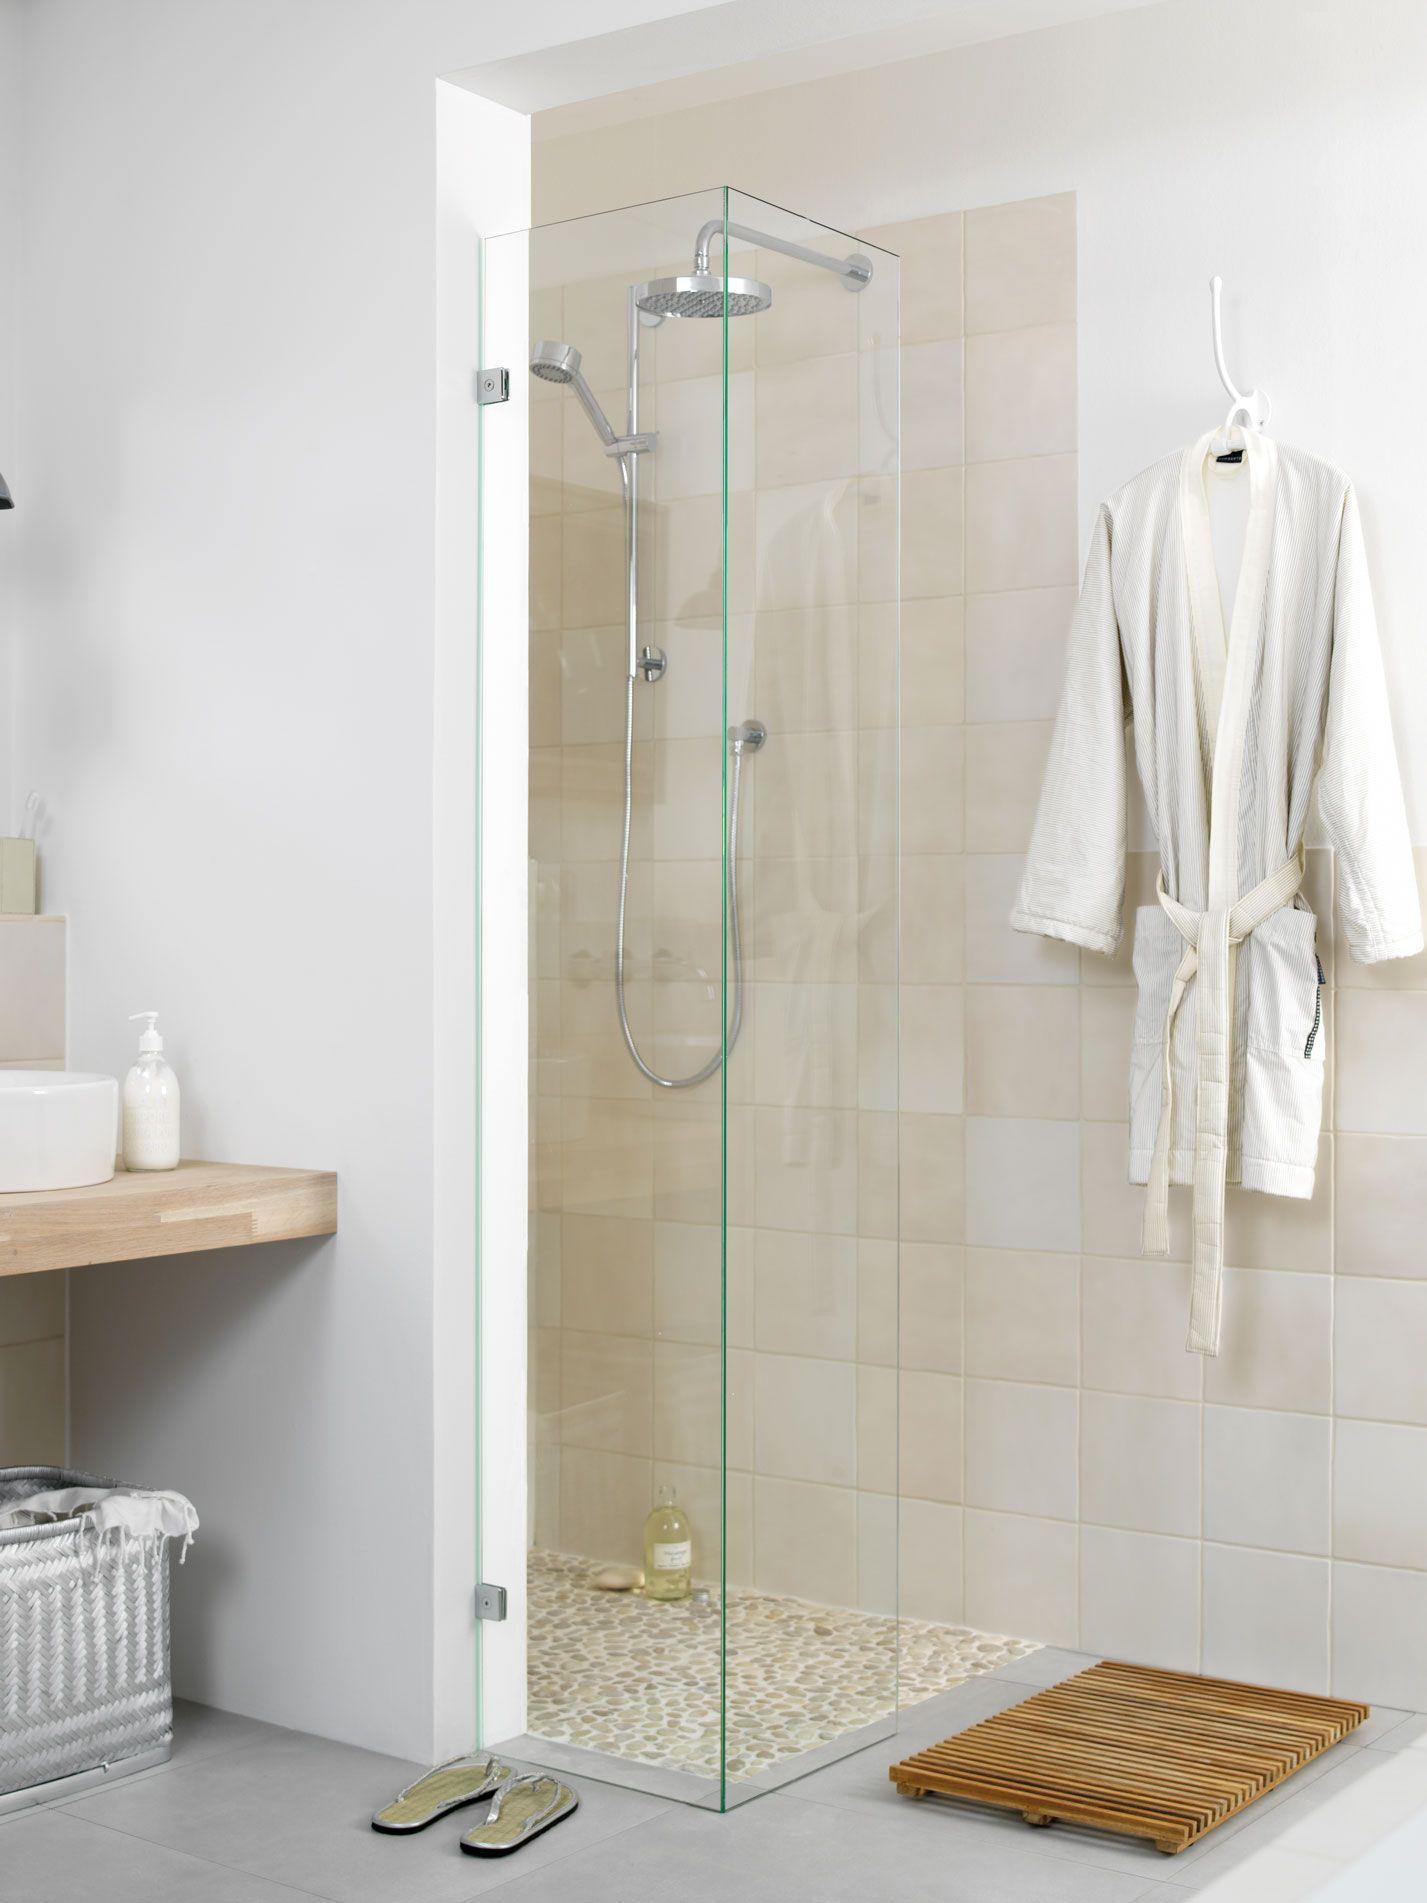 Badkamer in romantische stijl - Grando Keuken & Bad | dom home ...